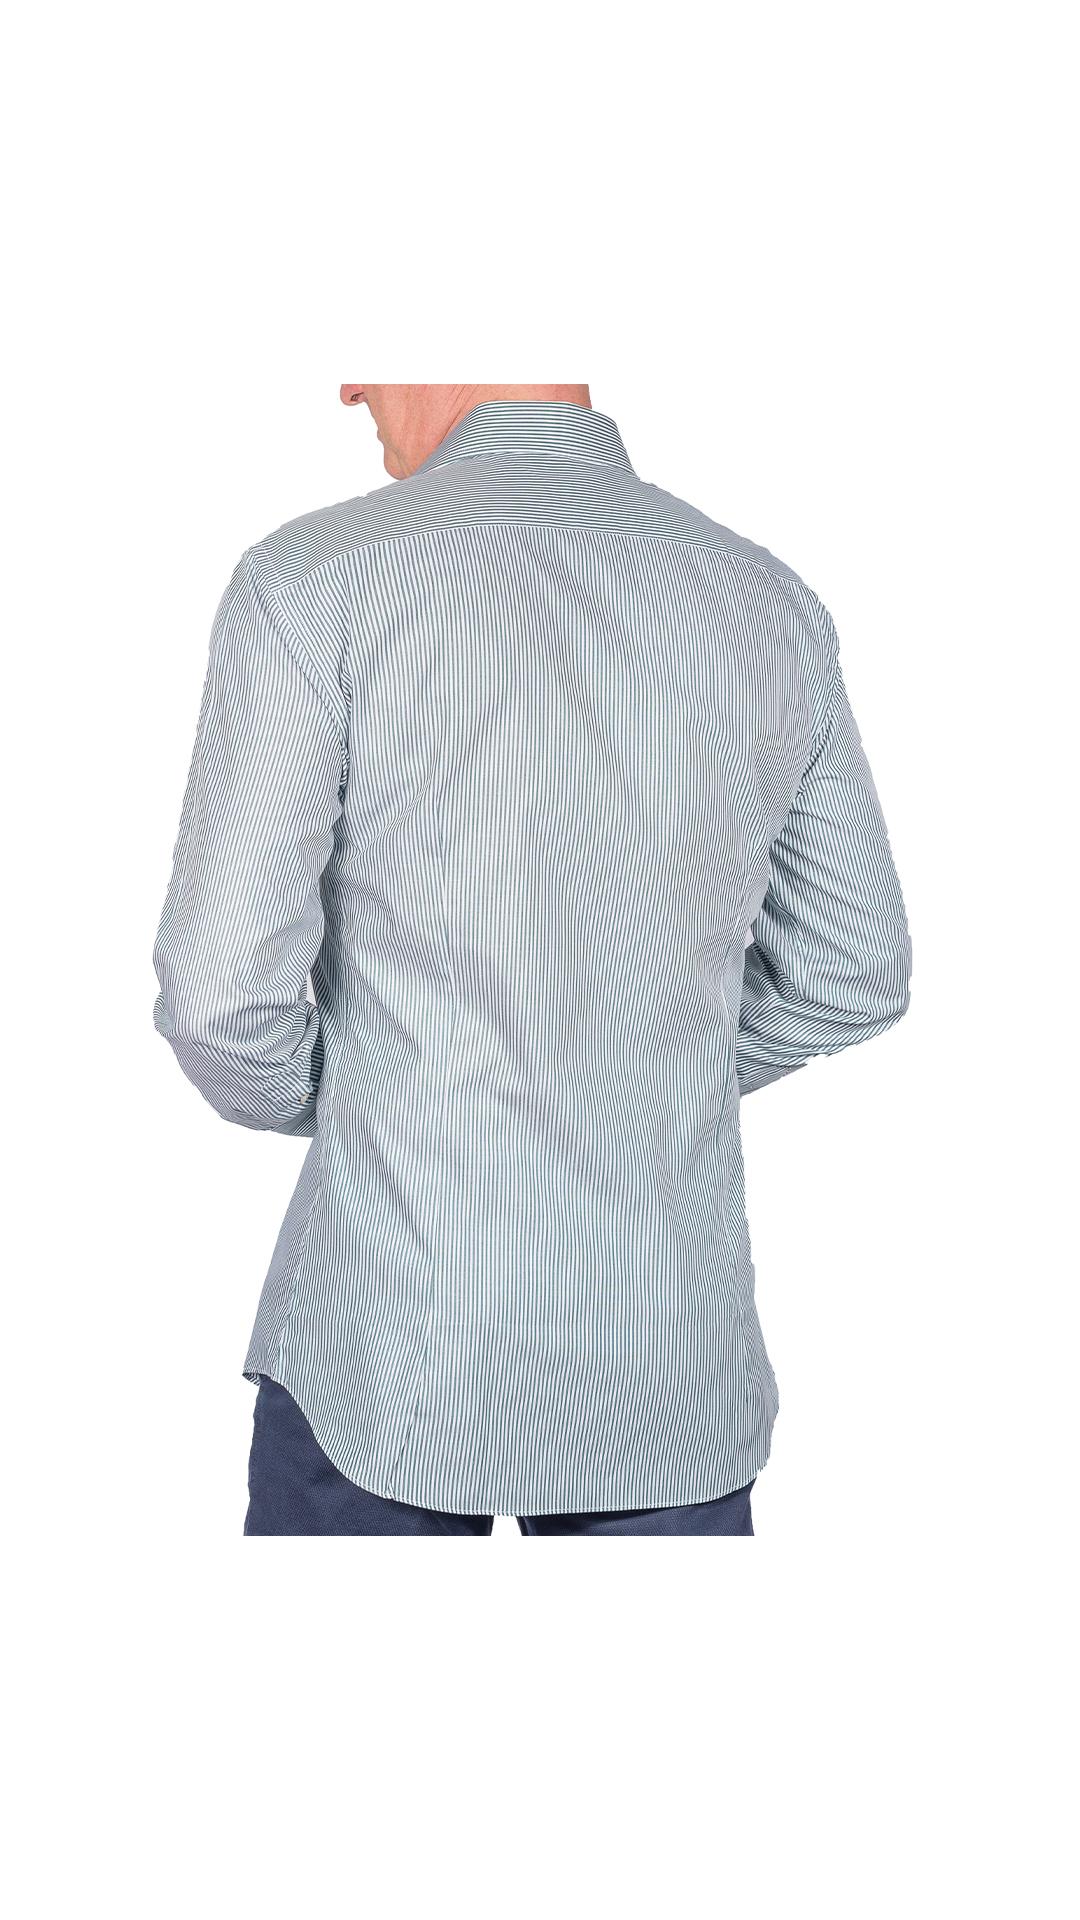 LUXURYJT0100 CAMICIA UOMO DOPPIO RITORTO MANICA LUNGA 2 1stAmerican camicia elegante da uomo in collo classico 100% cotone alta qualità doppio ritorto manica lunga – camicia sartoriale regular fit